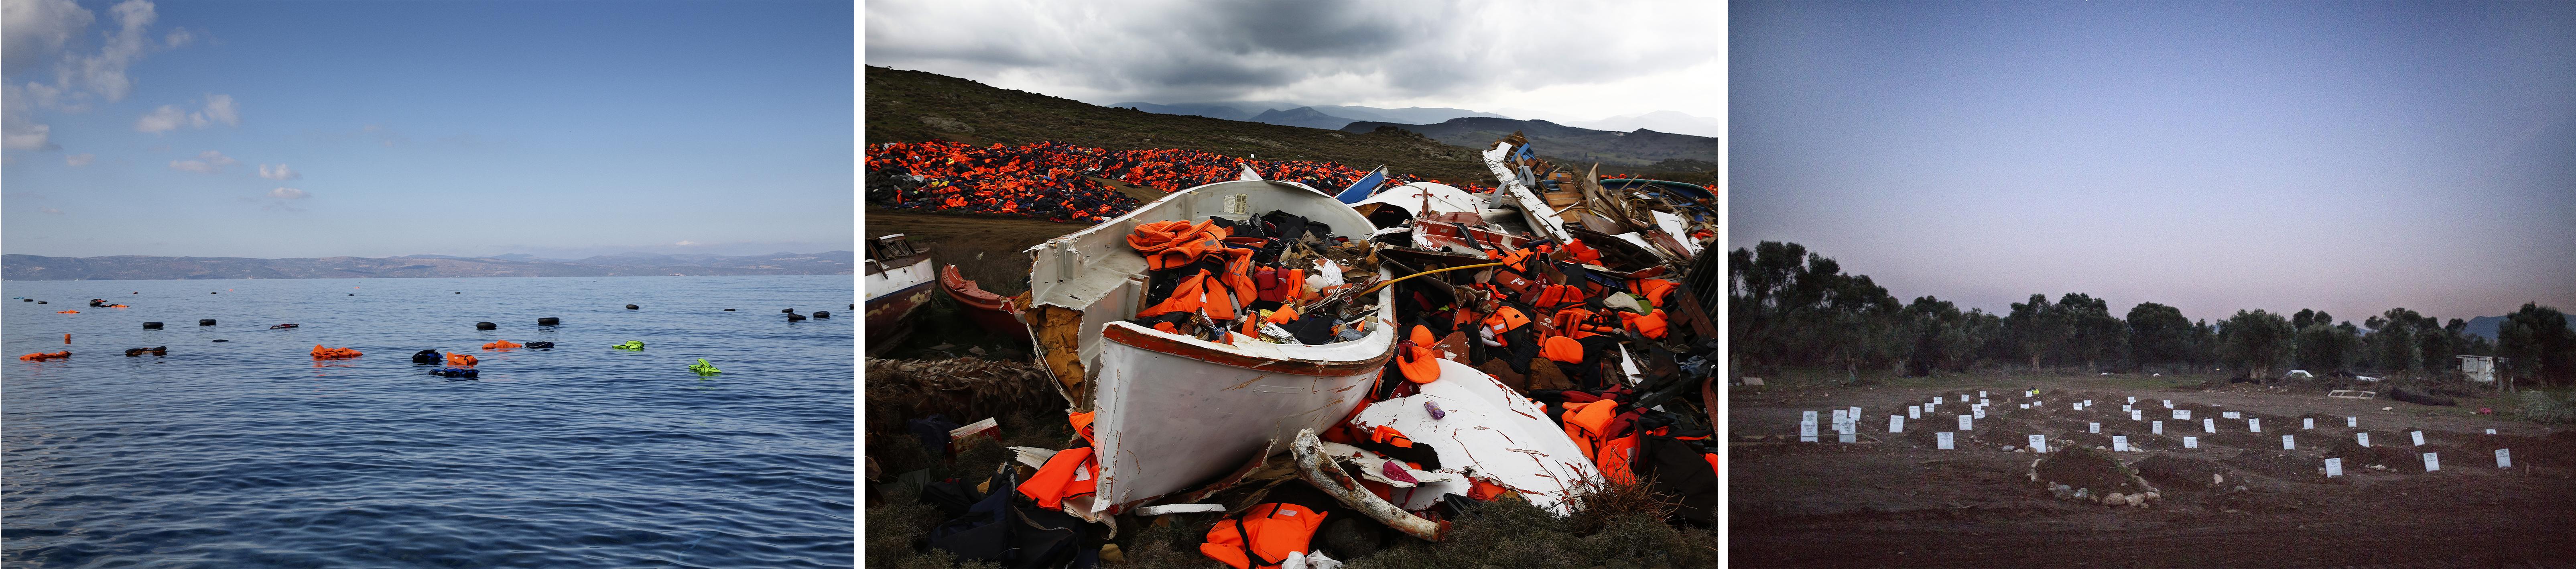 (haut)Une embarcation surchargée commence à prendre l'eau, près des côtes de l'île de Lesbos, janvier 2016.(gauche)Des gilets de sauvetages restés en mer, juillet 2016. (centre)Les plages de Lesbos sont recouvertes de milliers de gilets de sauvetage, février 2016. (droite)Un nouveau cimetière pour les réfugiés et les migrants qui ont perdu la vie en tentant d'atteindre l'Europe, Lesbos, janvier 2016. © Giorgos Moutafis/MSF/Greenpeace,Anna Surinyach/MSF,Giorgos Moutafis,Alessandro Penso/MSF/Greenpeace